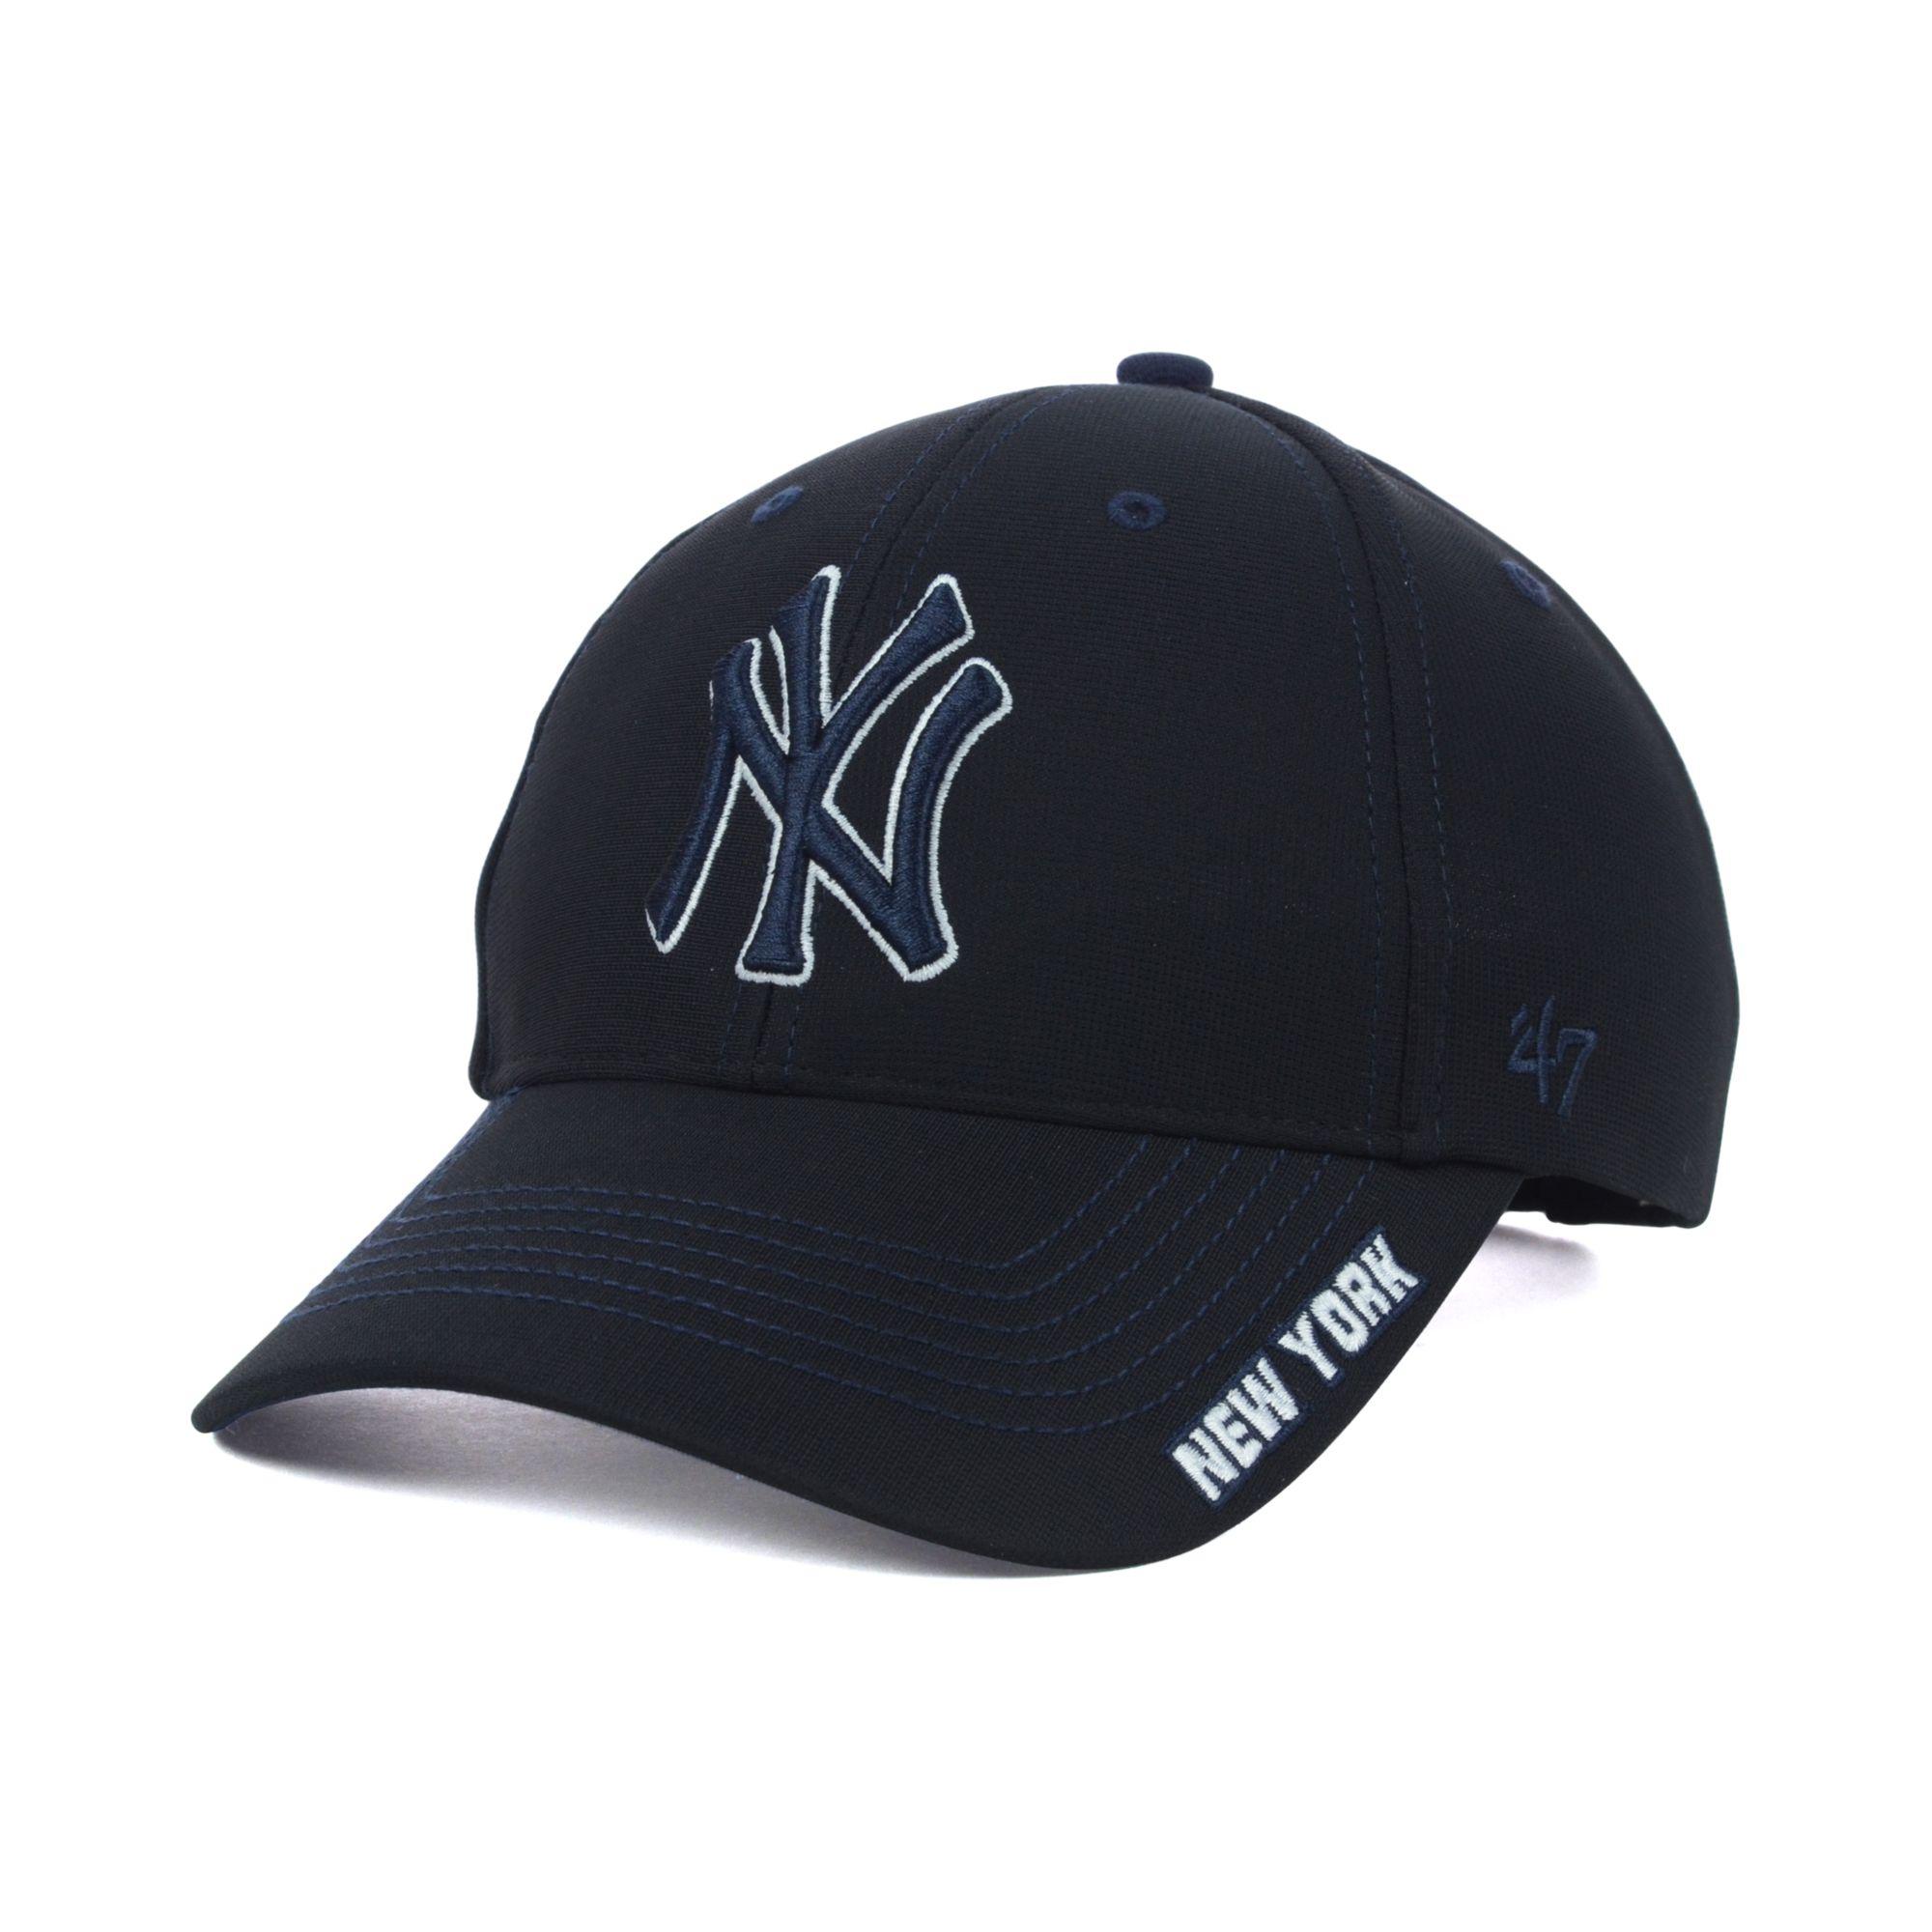 47 brand kids new york yankees adjustable cap in black for. Black Bedroom Furniture Sets. Home Design Ideas